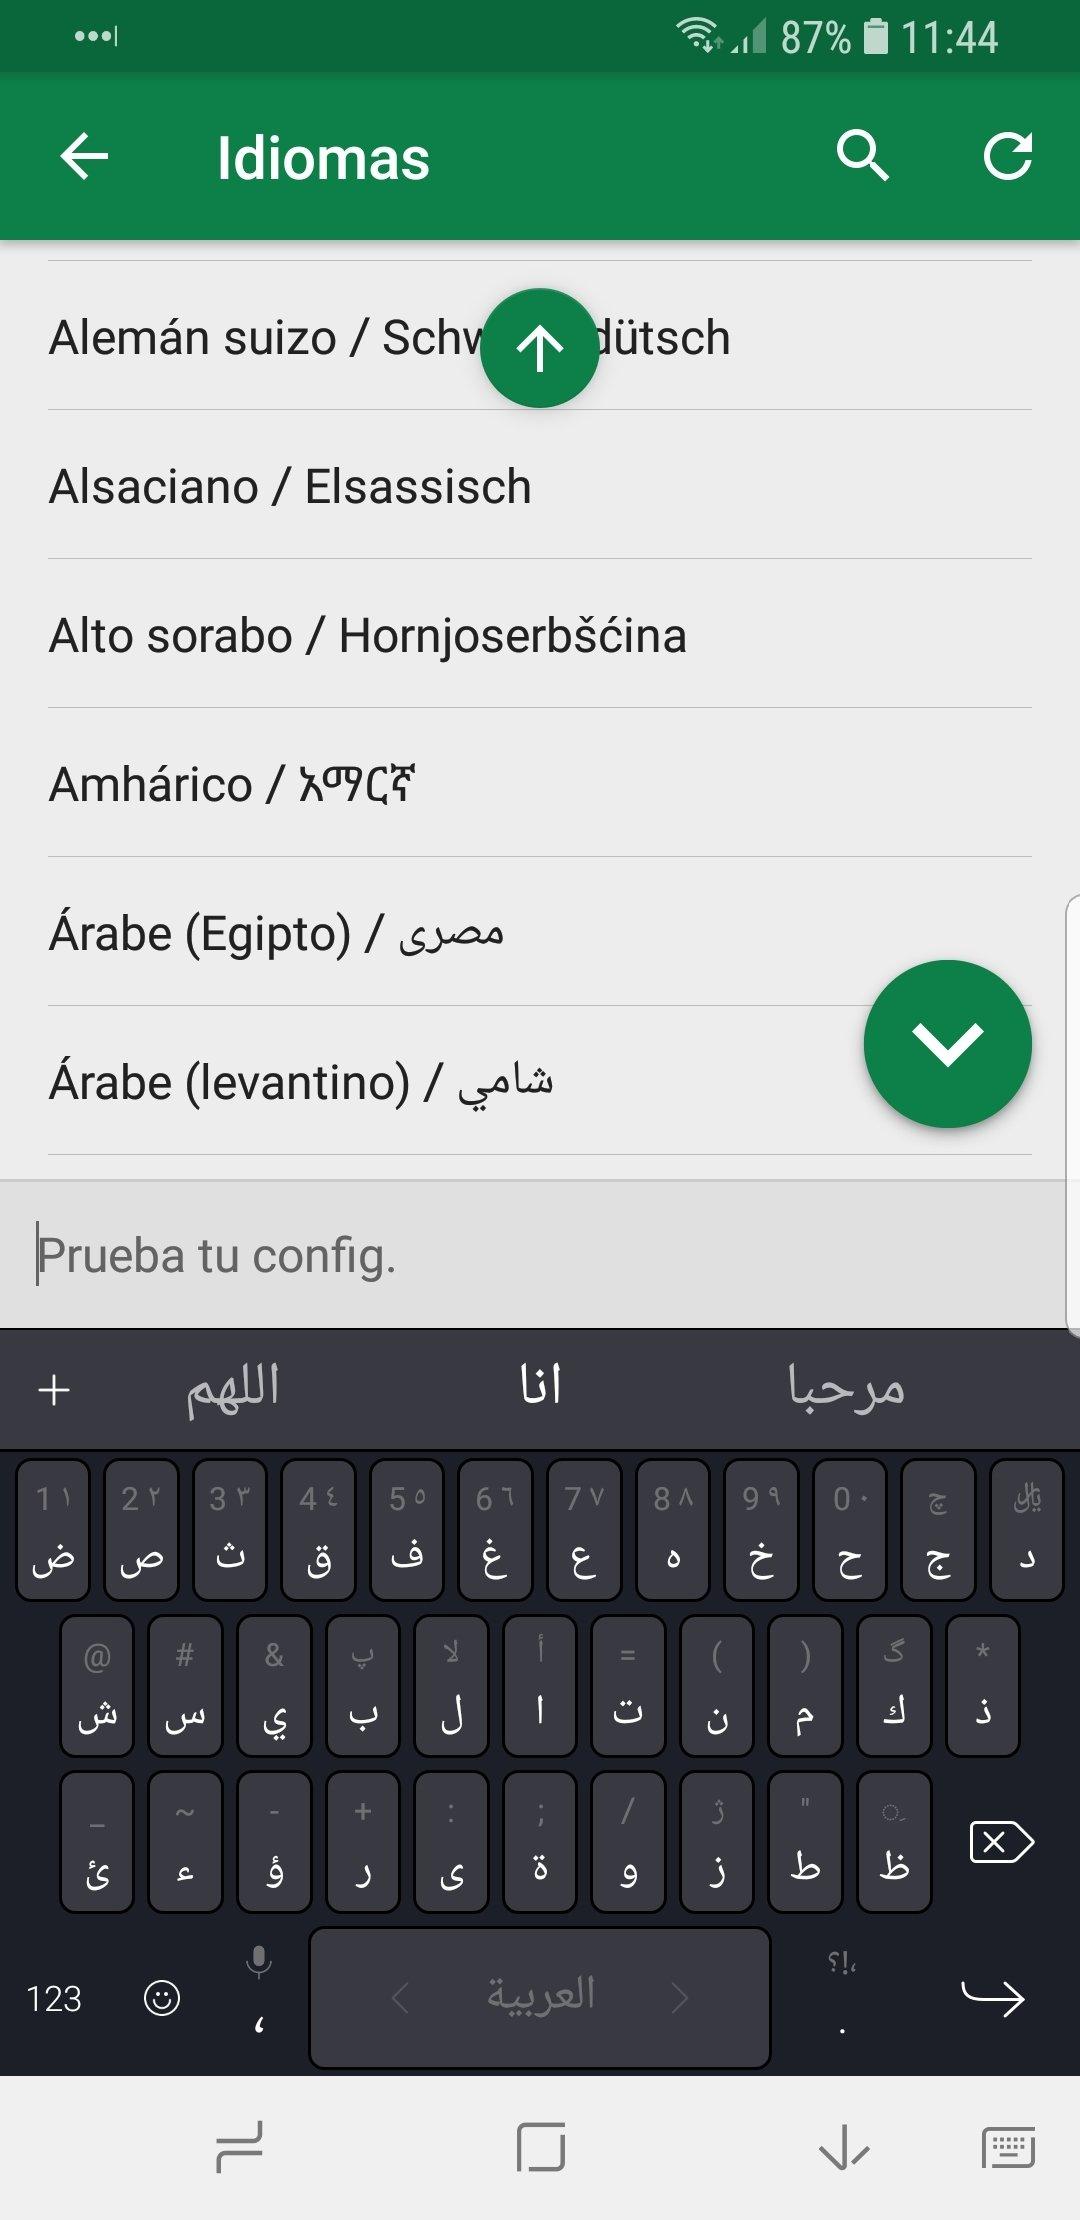 SwiftKey configurado en árabe